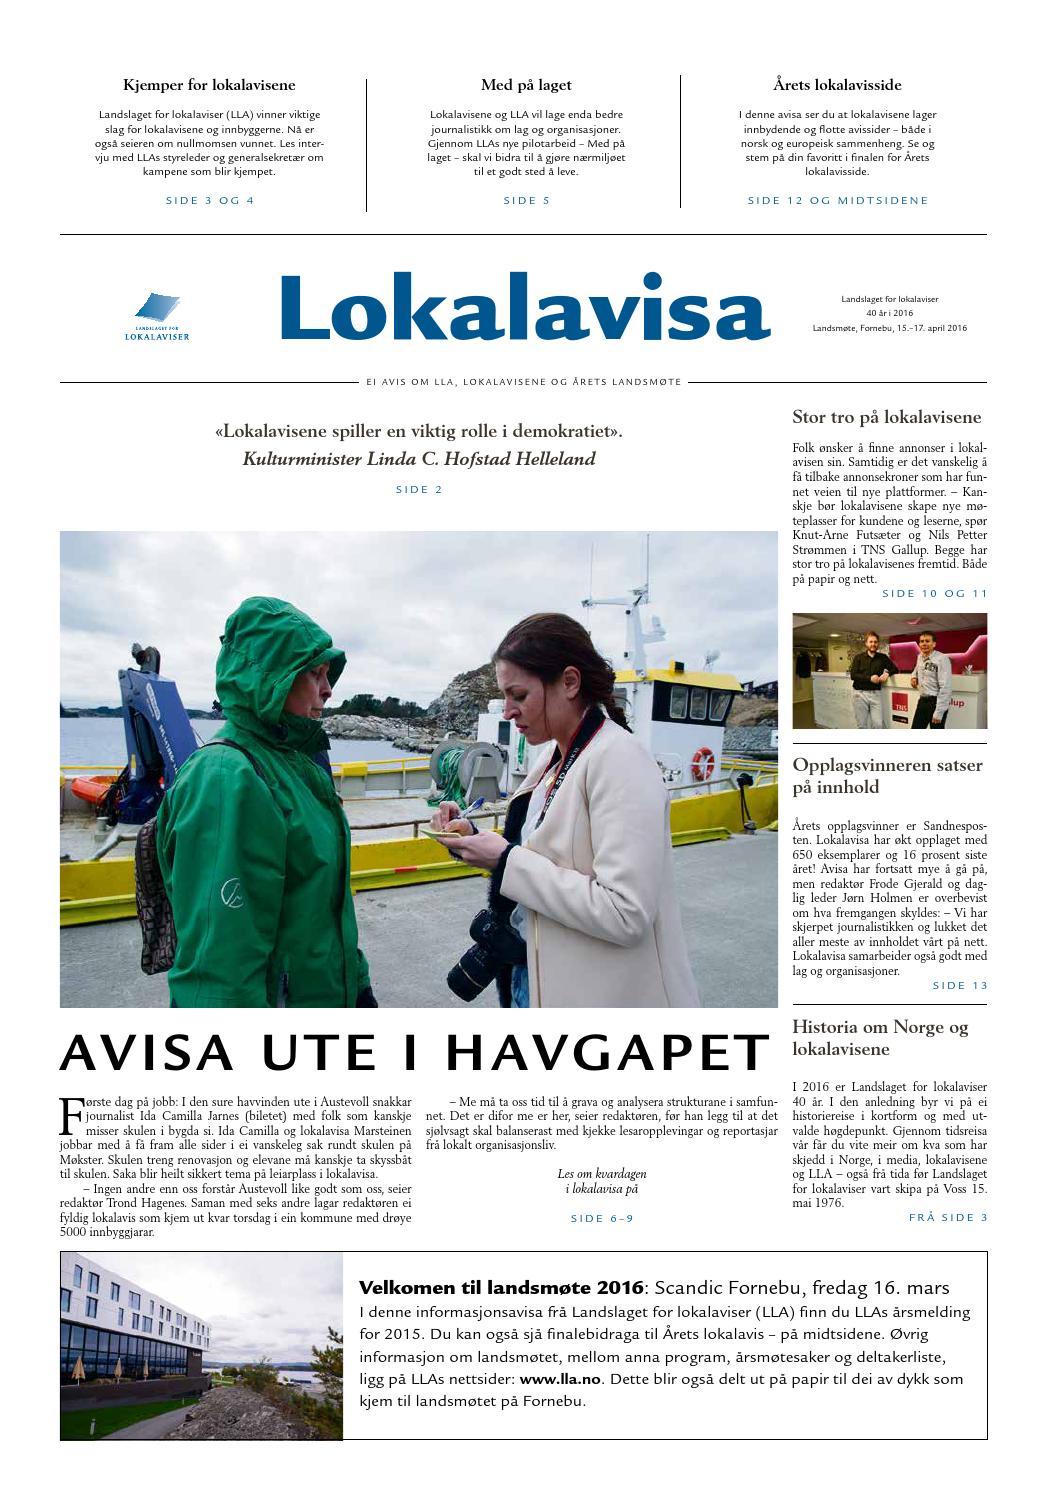 878109a8b Landslaget for lokalaviser by Landslaget for lokalaviser - issuu